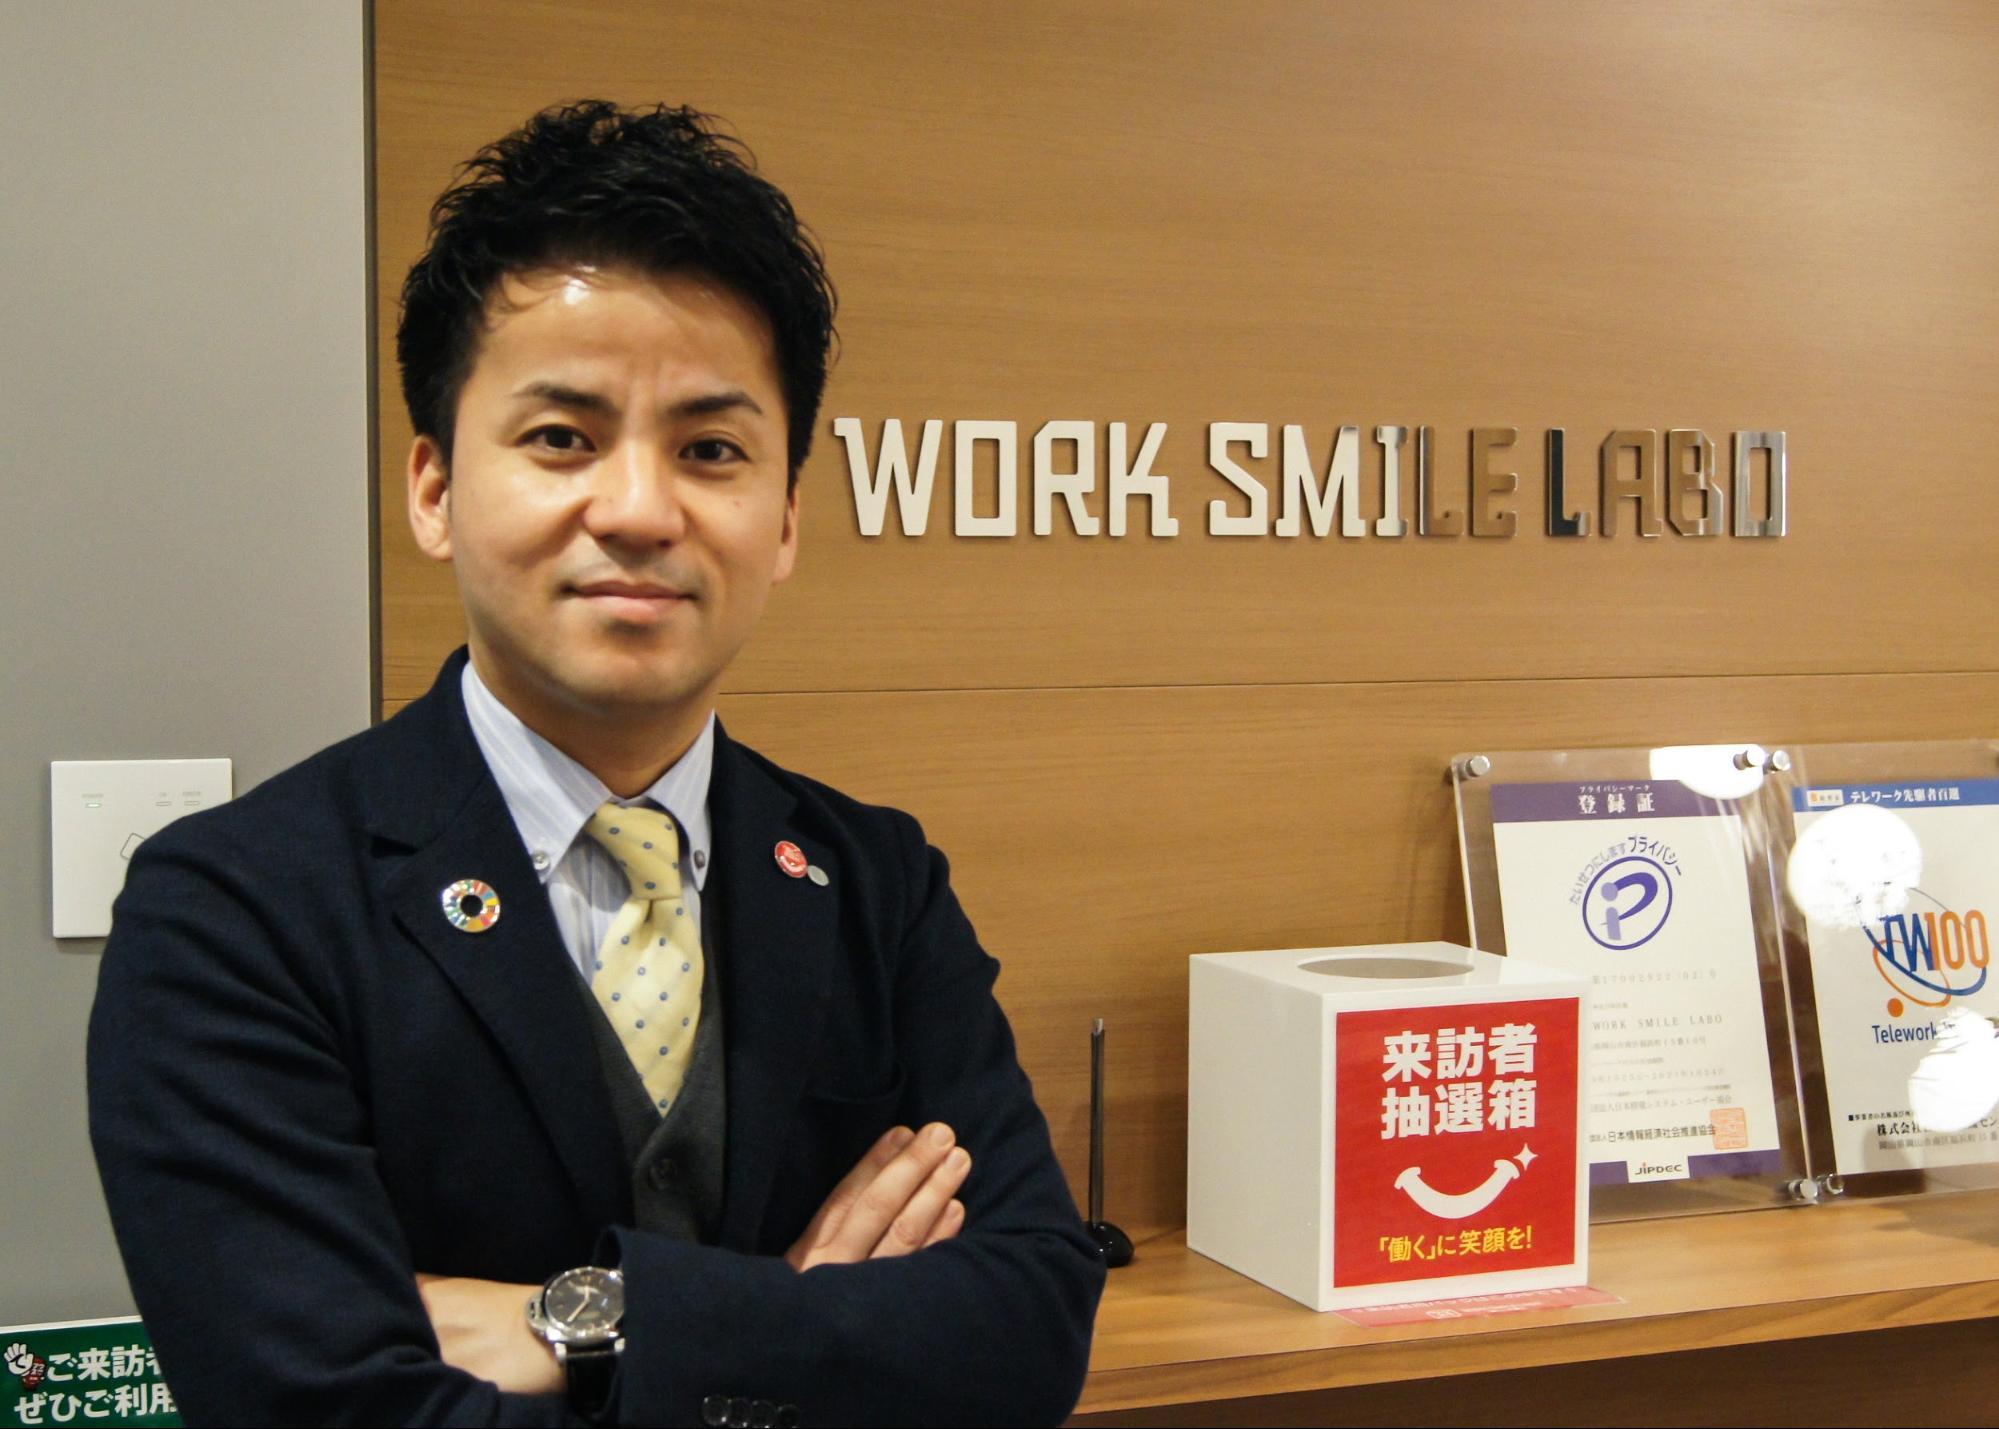 営業件数と営業確度はおよそ2倍に。「新しい働き方」を岡山から実現する、WORK SMILE LABOでの導入事例